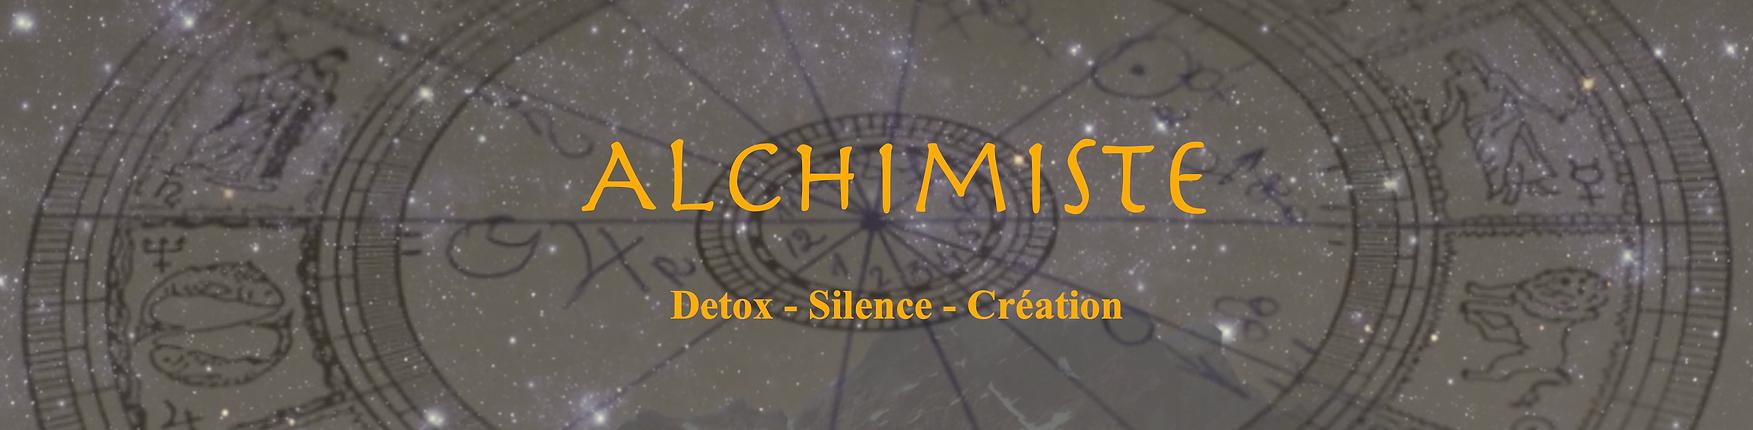 Alchimiste FR.png